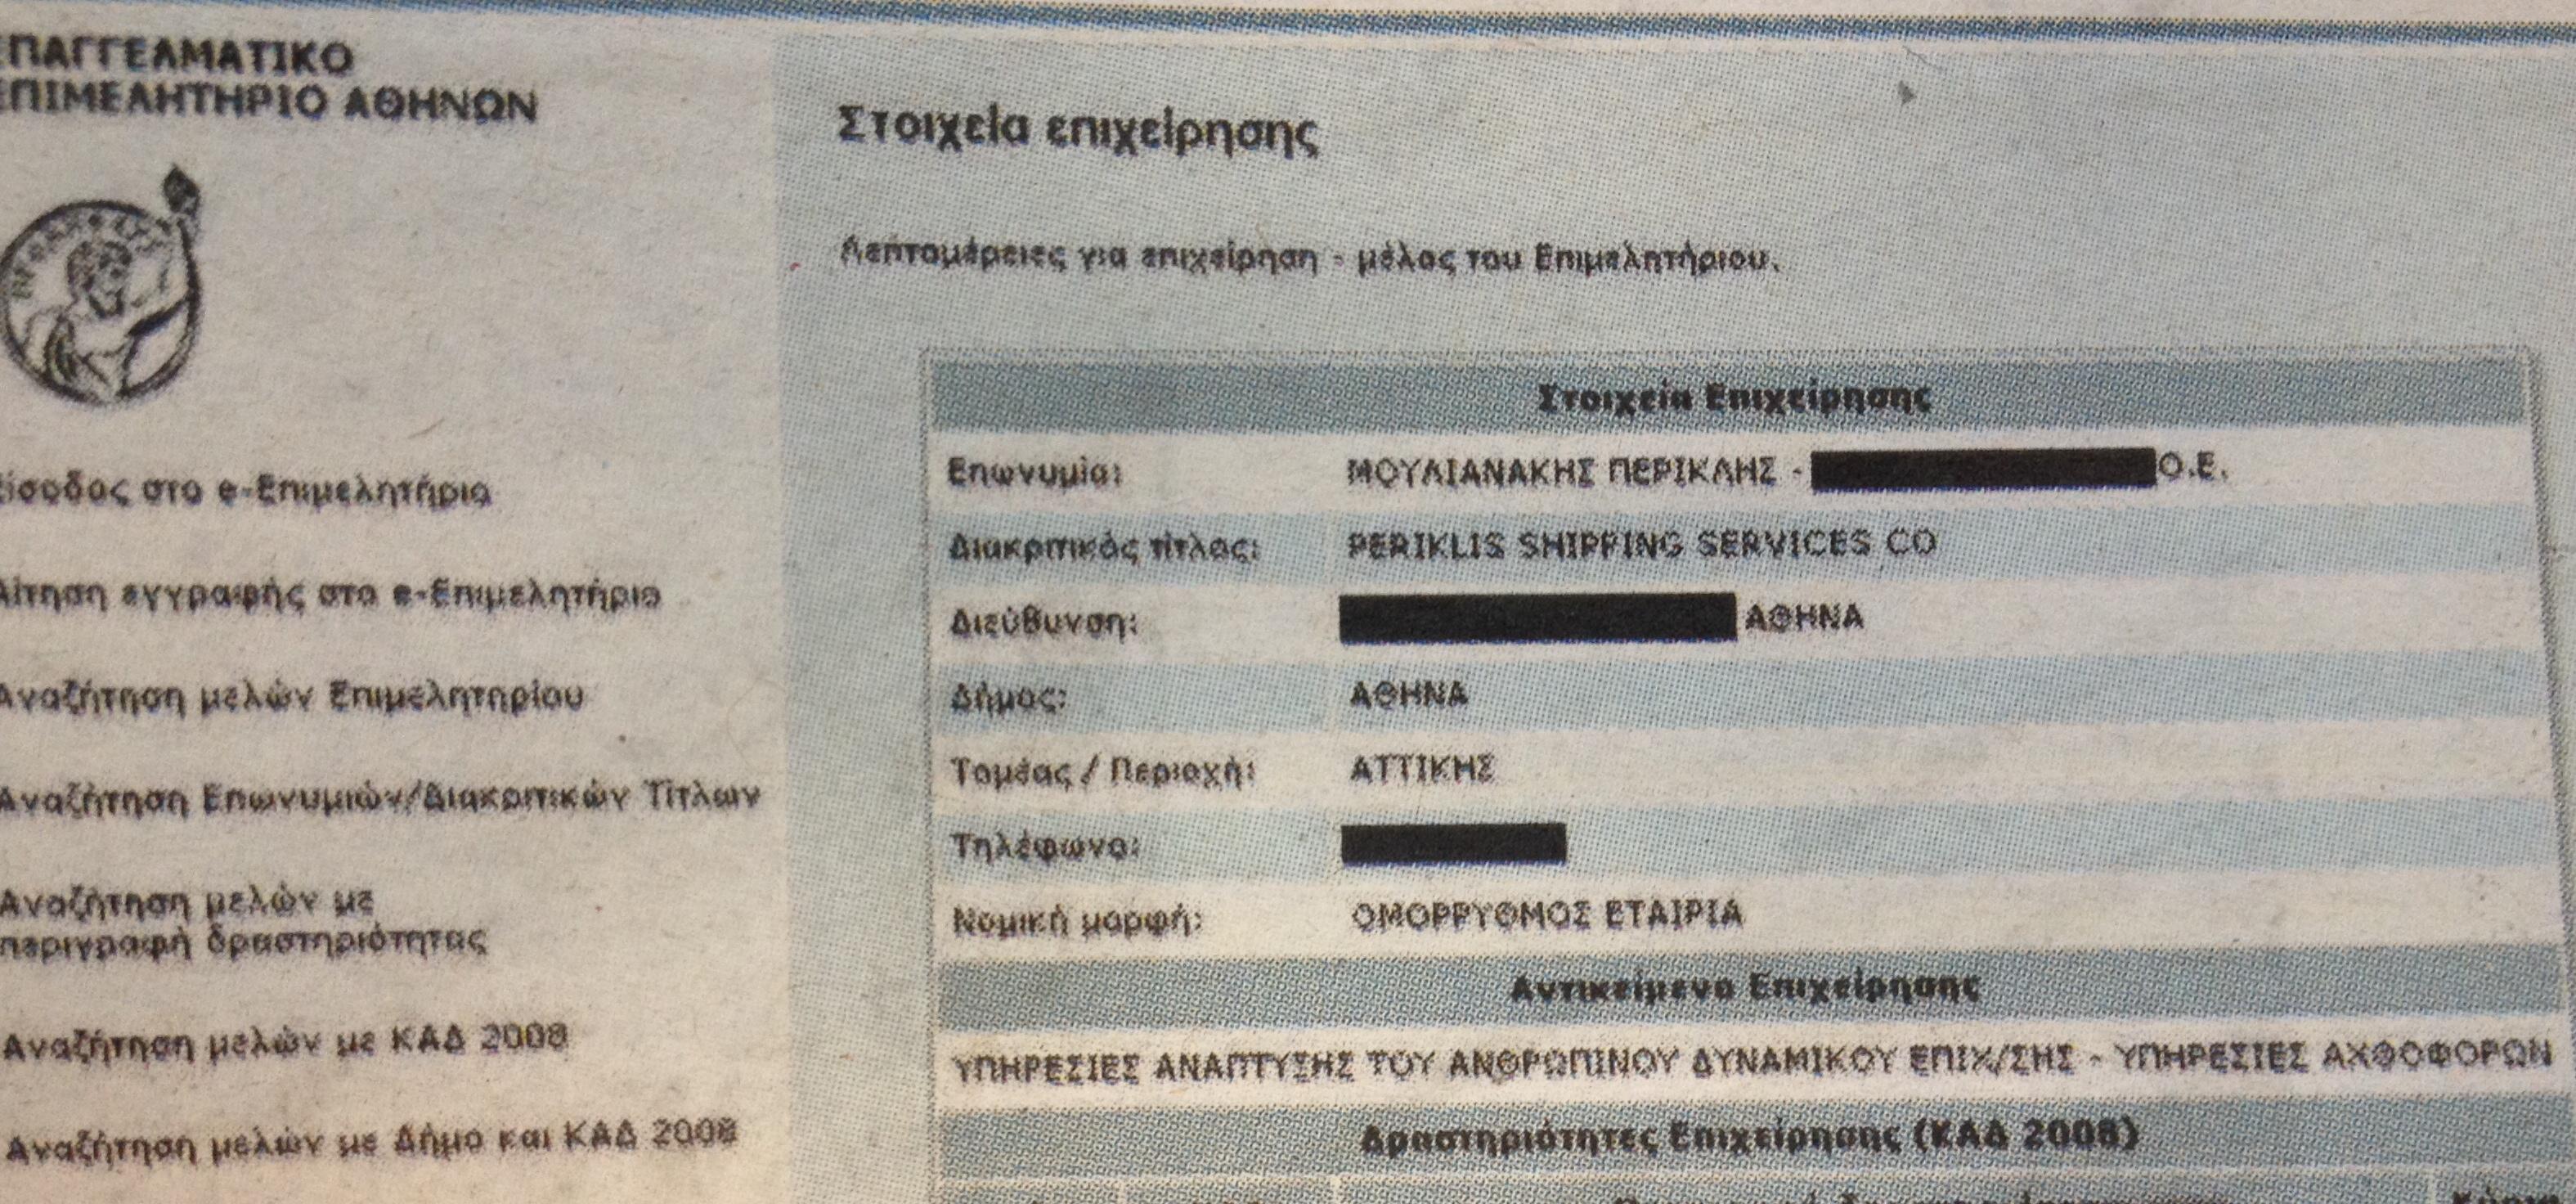 Τα στοιχεία επιχείρησης από το Επαγγελματικό Επιμελητήριο αποδεικνύουν ότι ιδιοκτήτης είναι ο πυρηνάρχης - Πηγη εφημερίδα